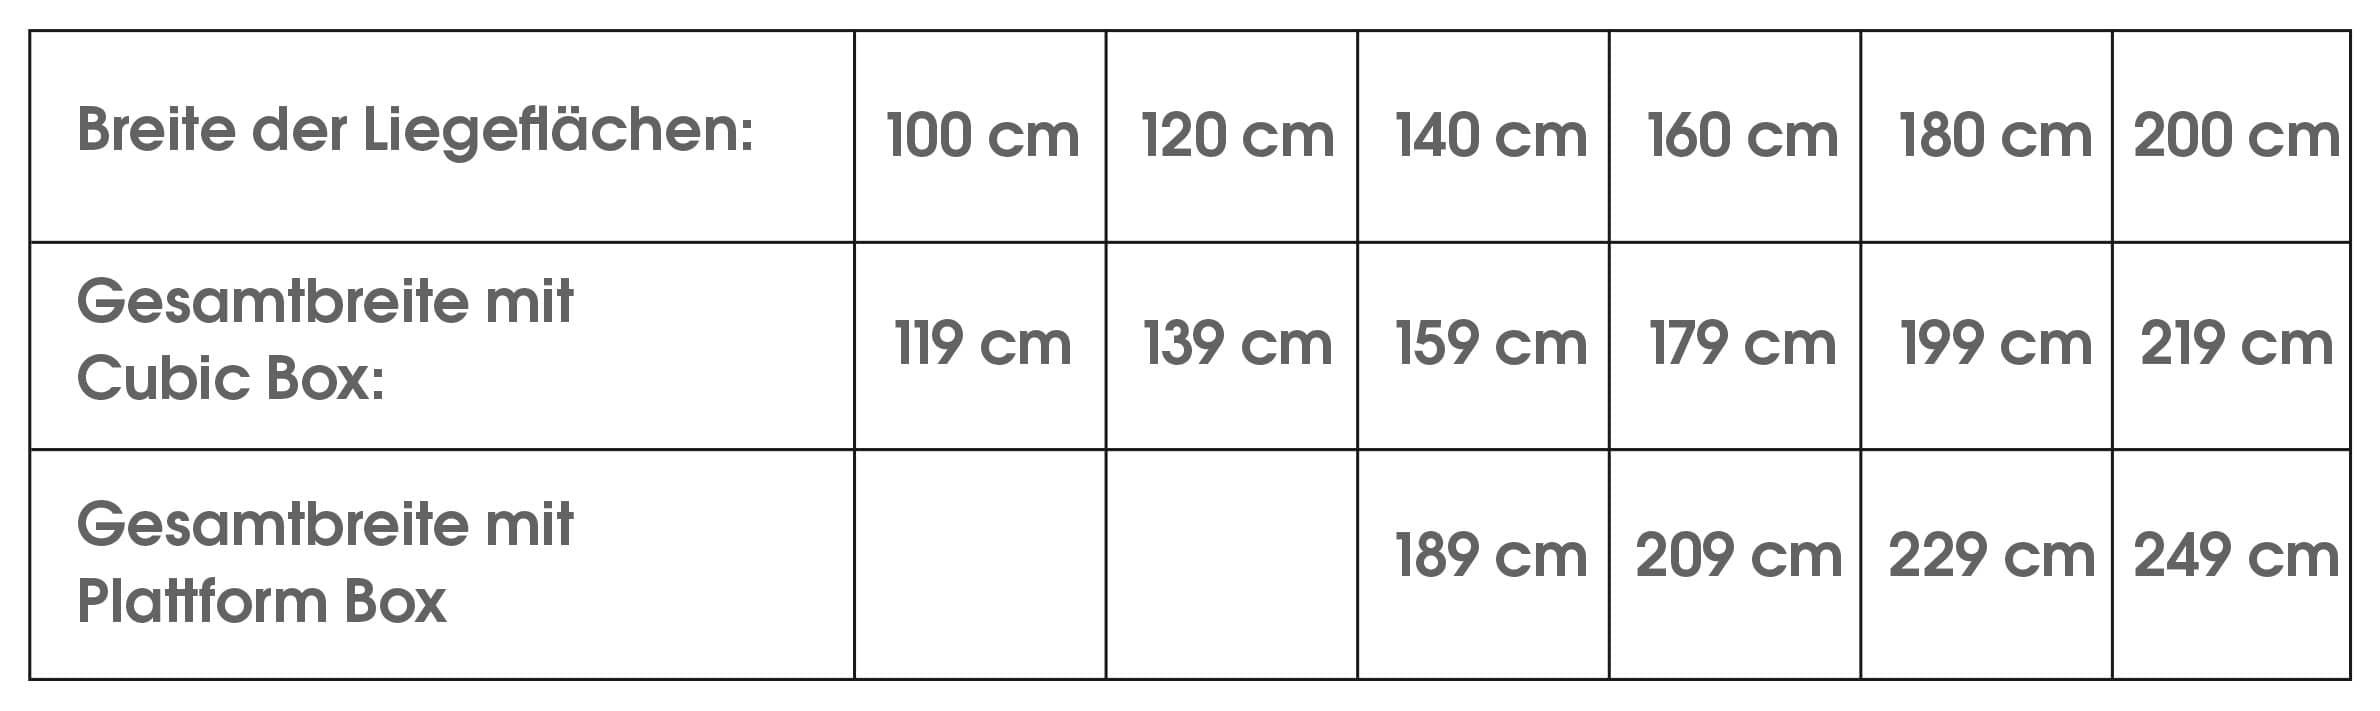 matratzen härtegrad tabelle